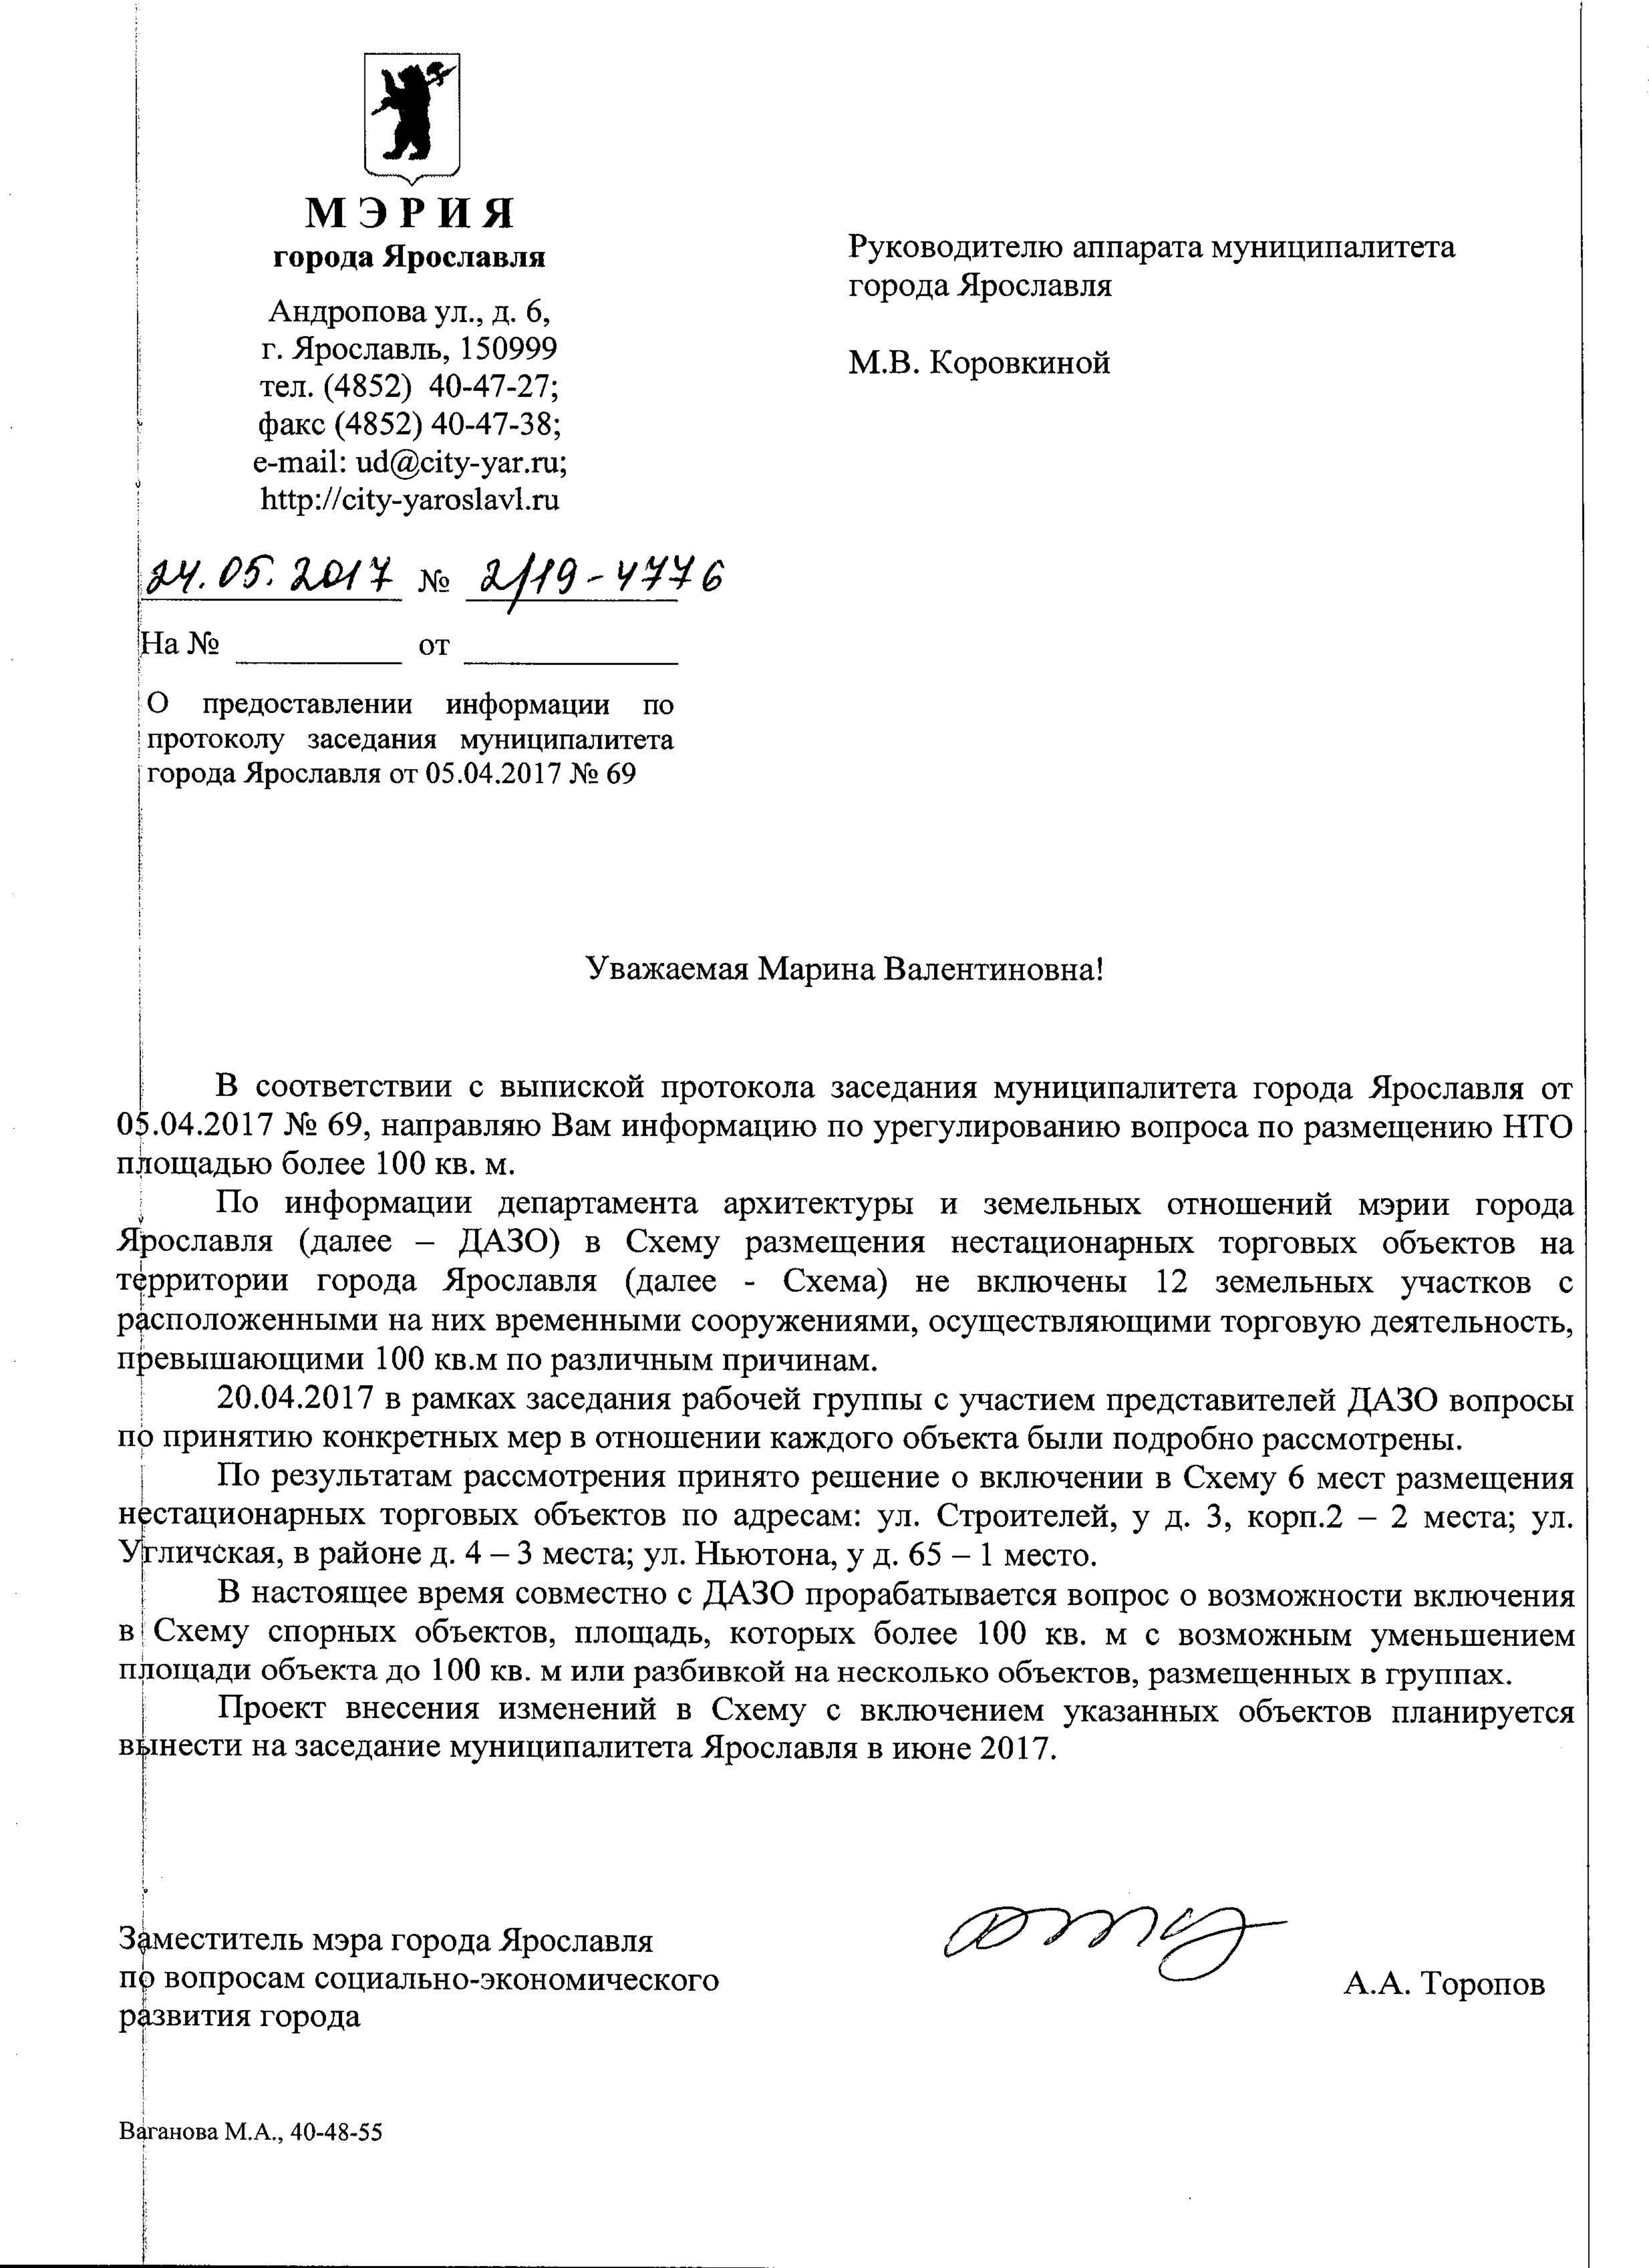 письмо об НТО свыше 100 кв.м